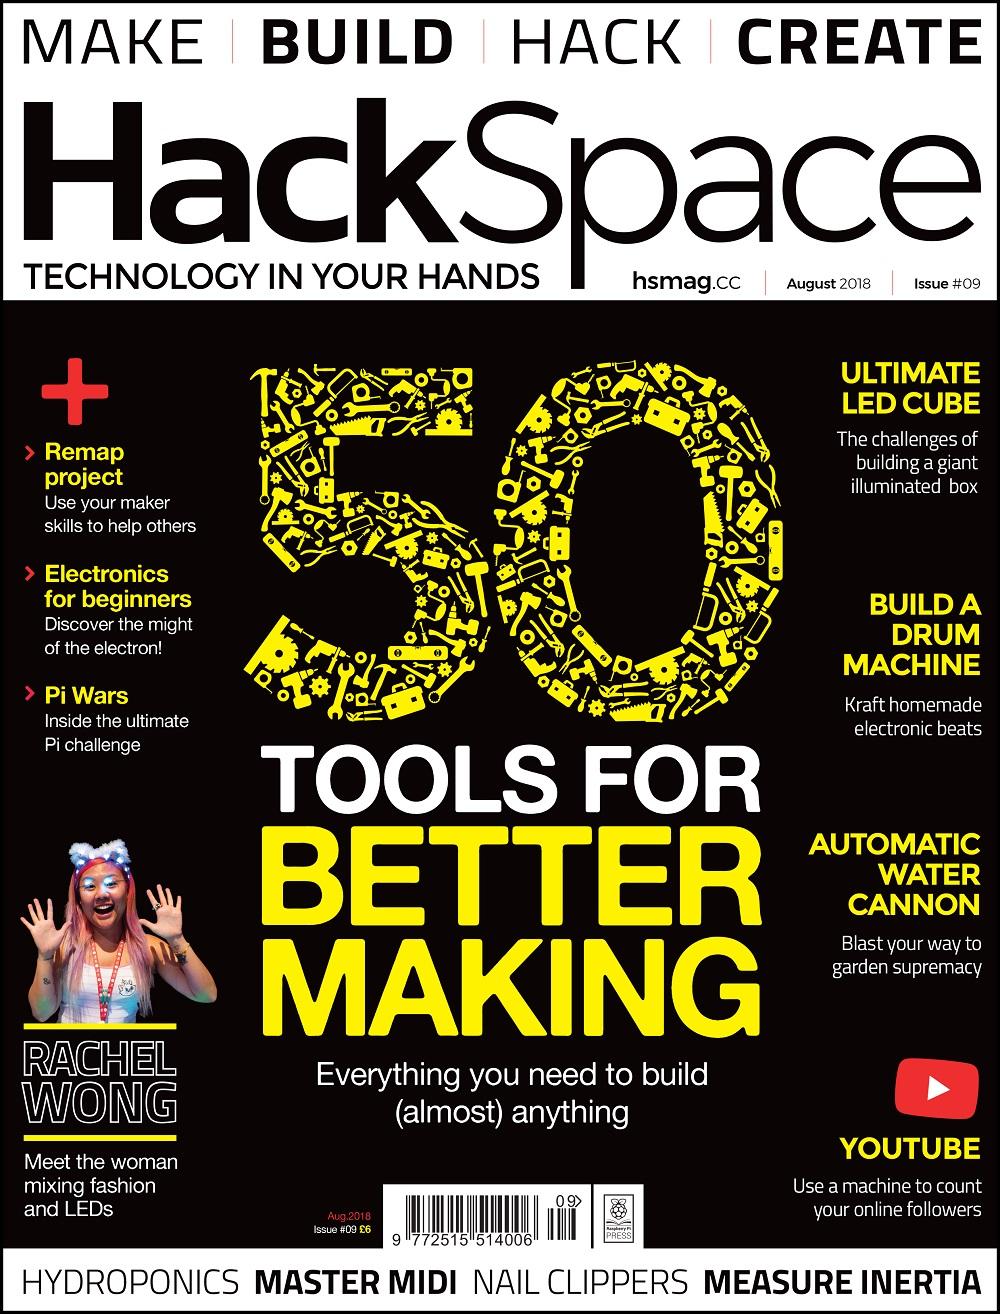 Hs 9 cover web